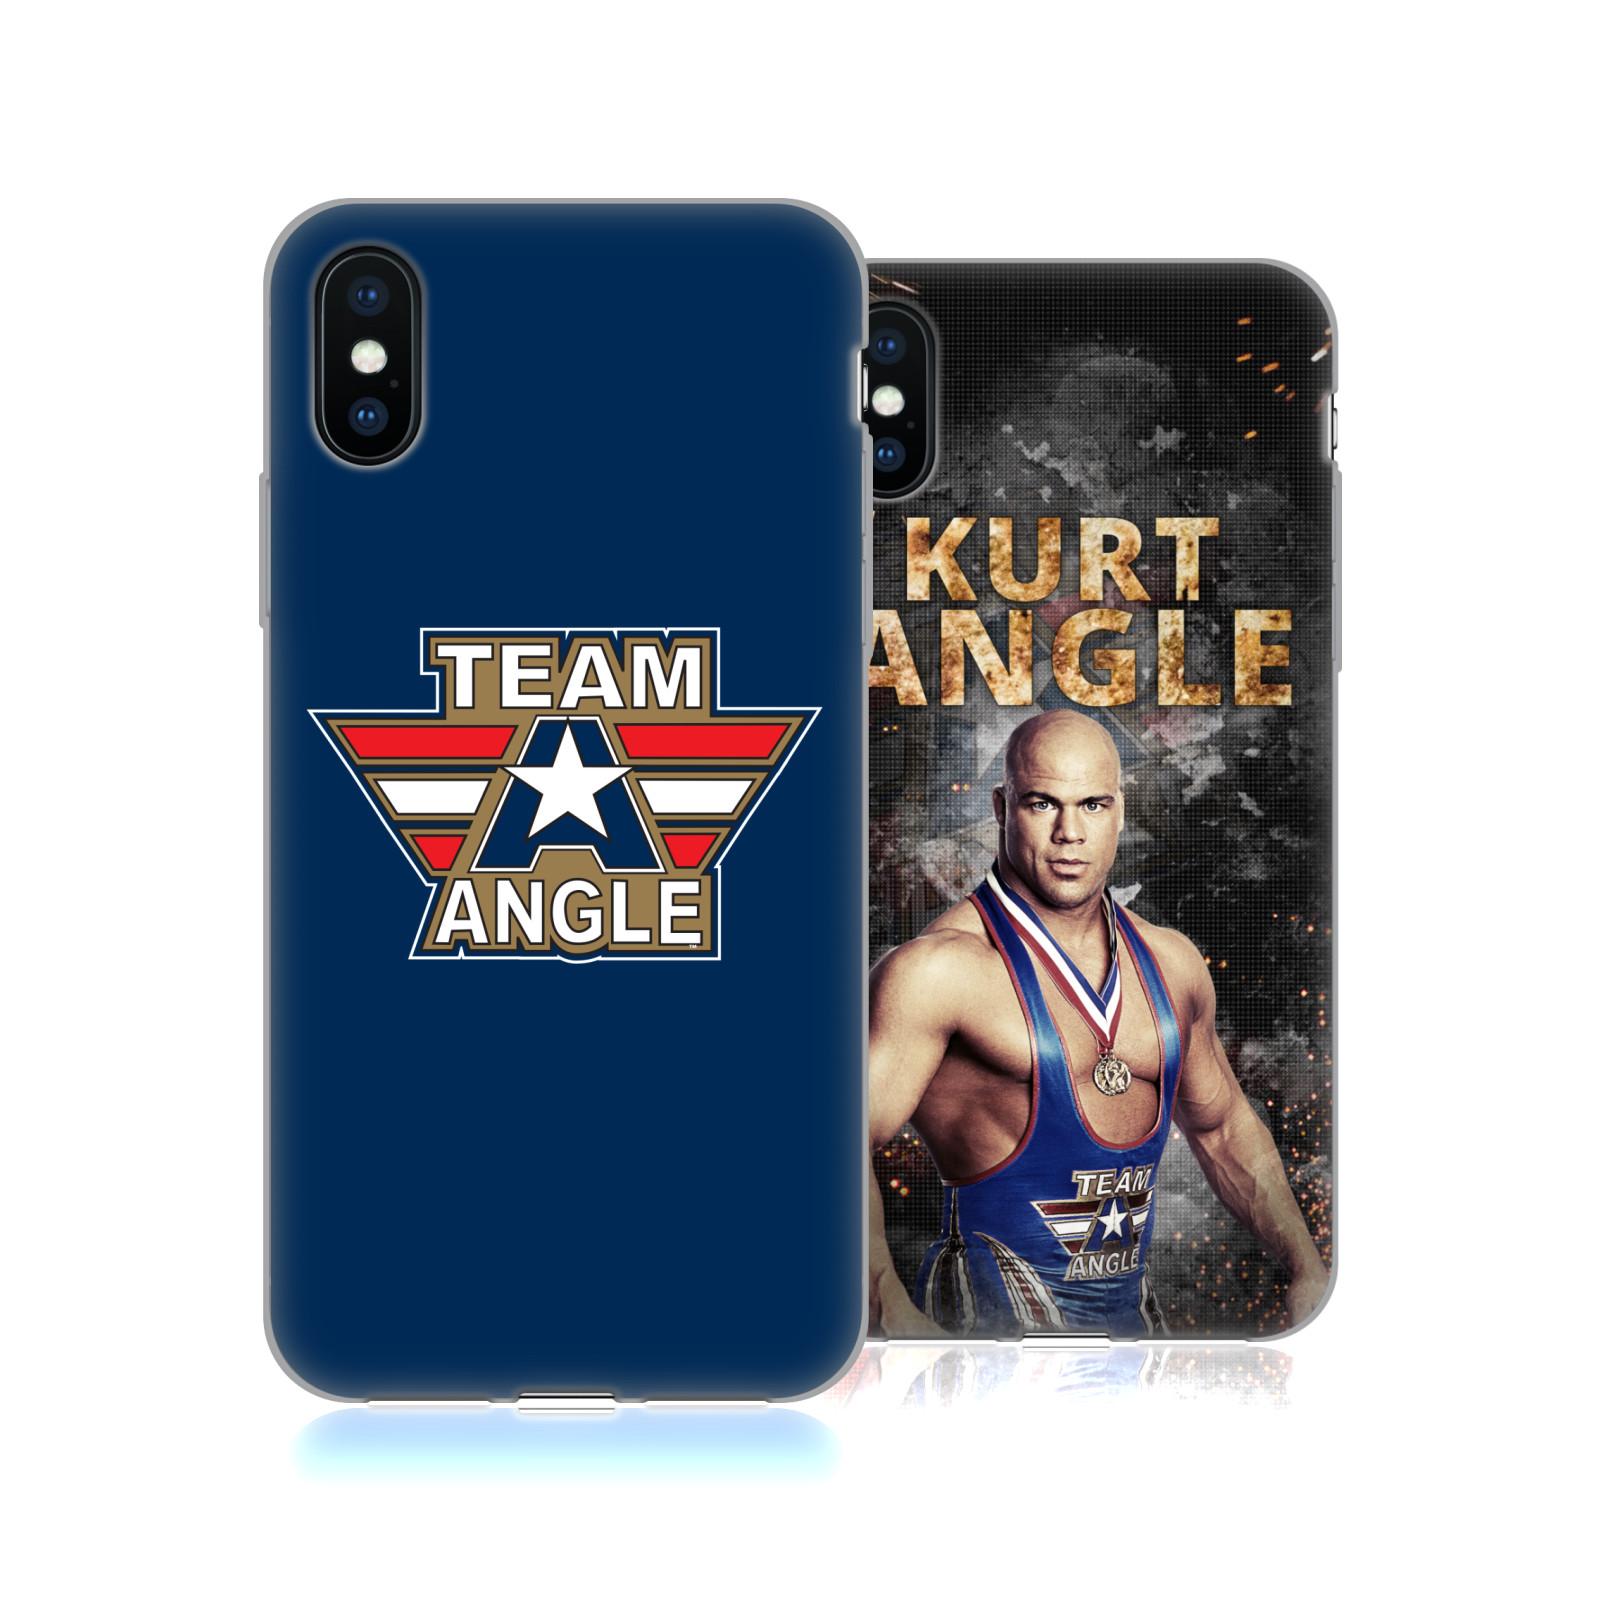 WWE <!--translate-lineup-->Kurt Angle<!--translate-lineup-->